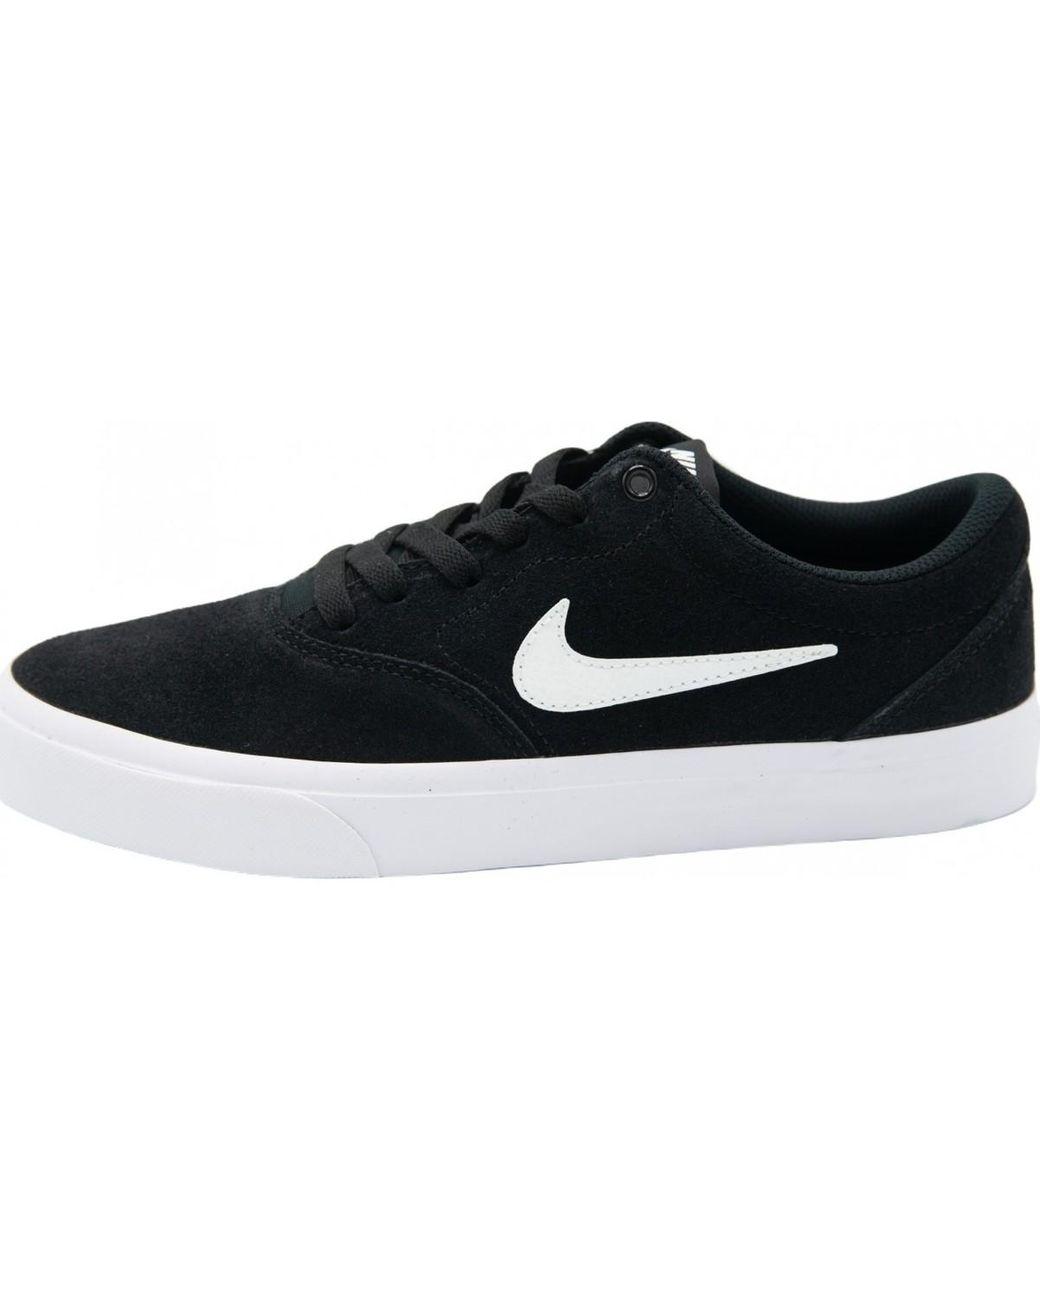 SB Charge Suede Baskets Nike pour homme en coloris Noir - Lyst